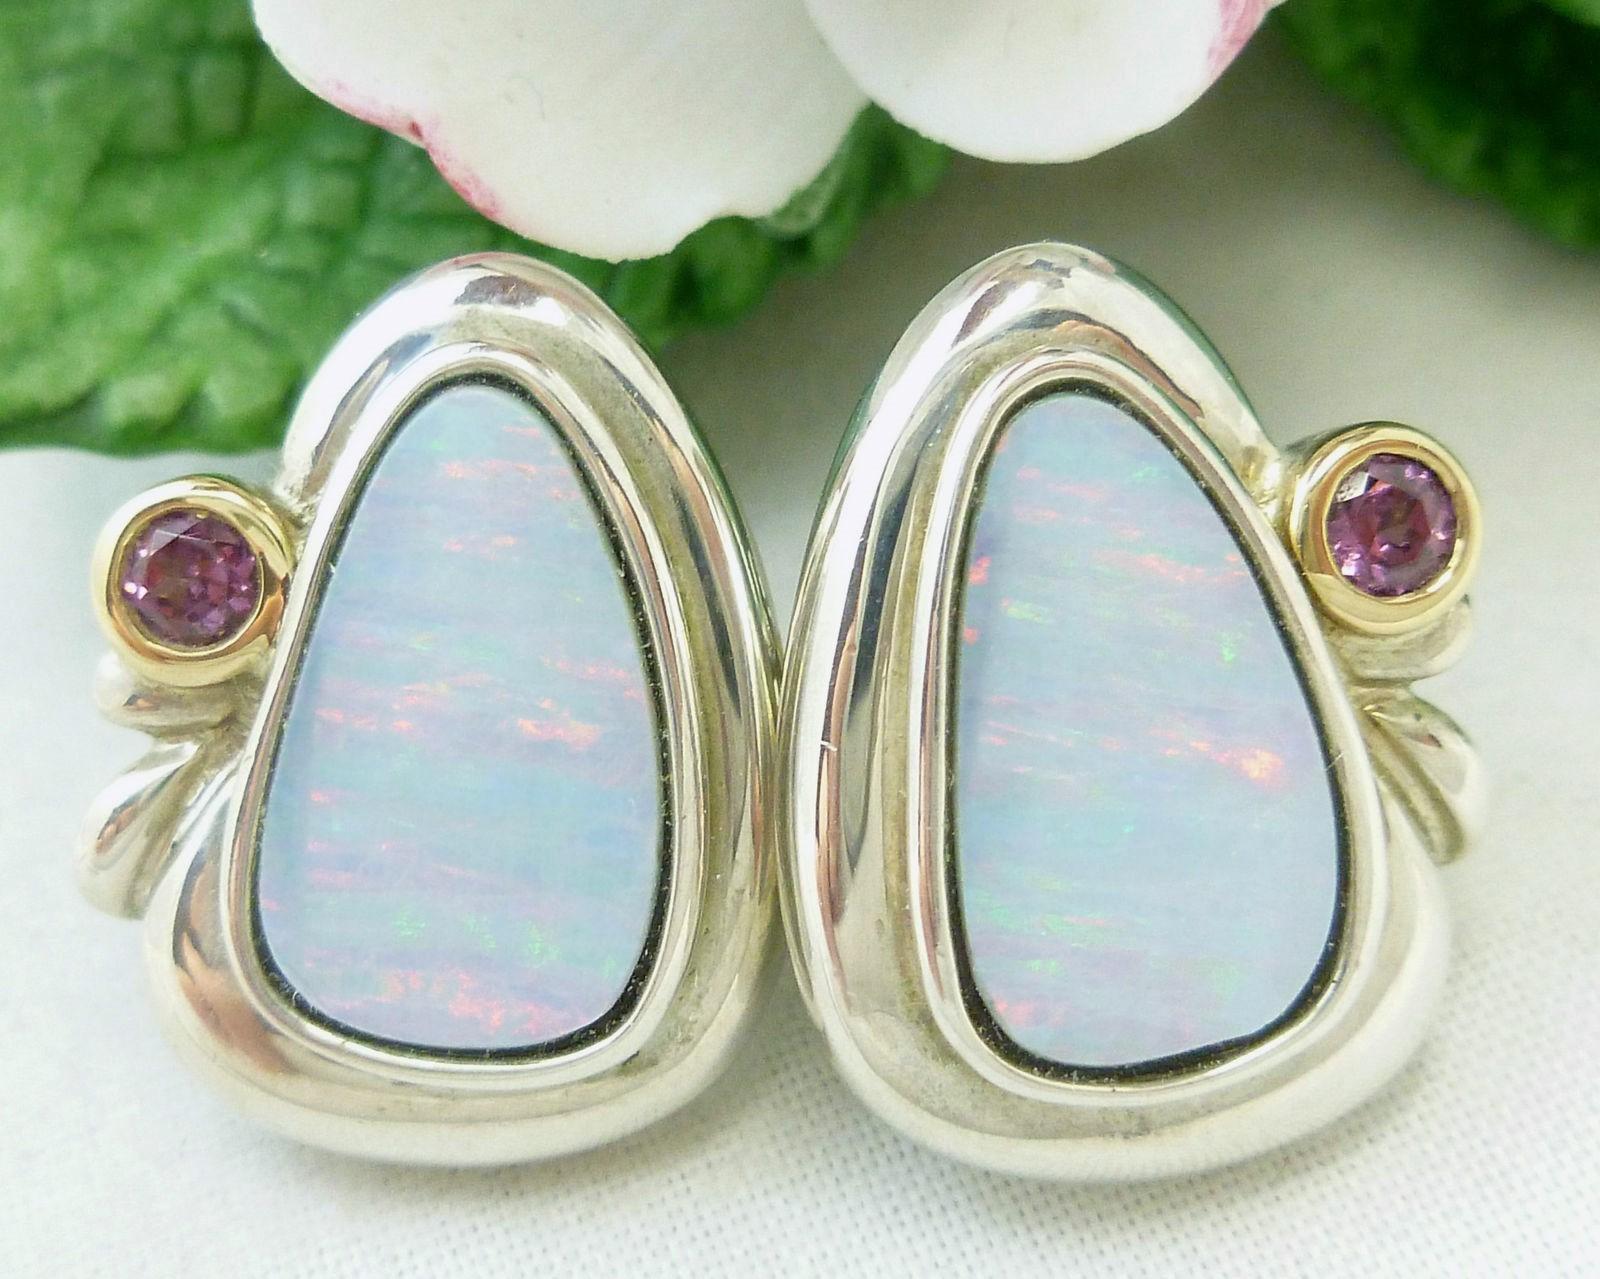 Sterling Australian Opal Earrings with Plum Garnet 14K bezel Frame - $135.00